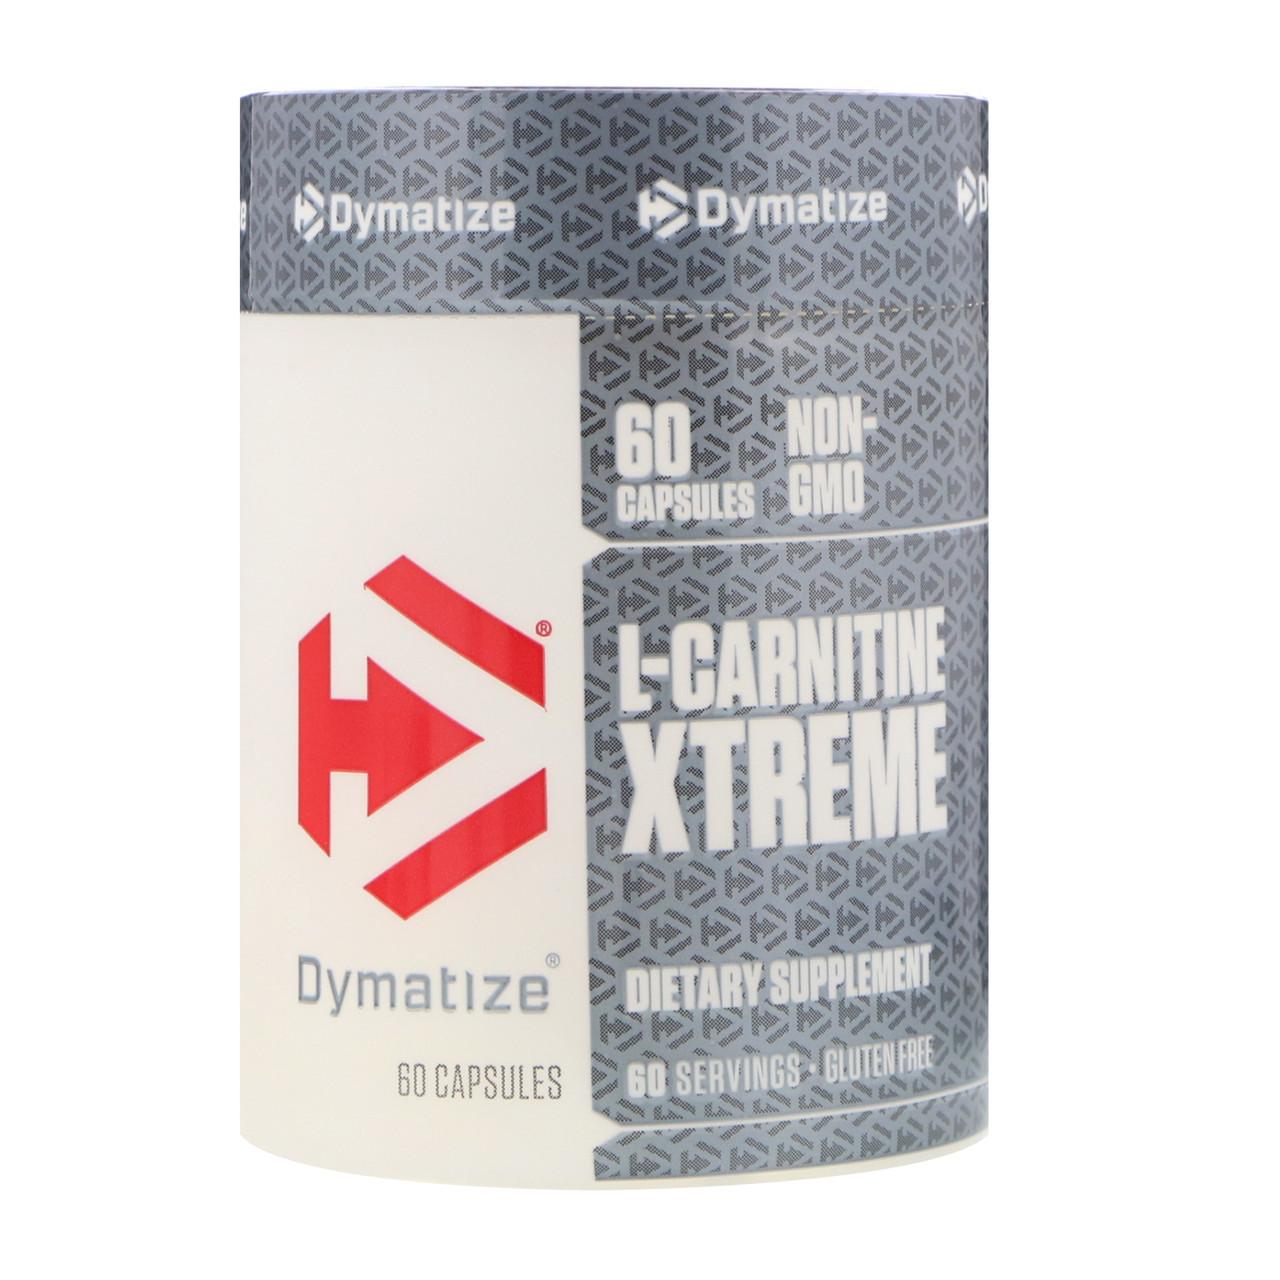 Dymatize L-carnitine Xtreme 60 капс.